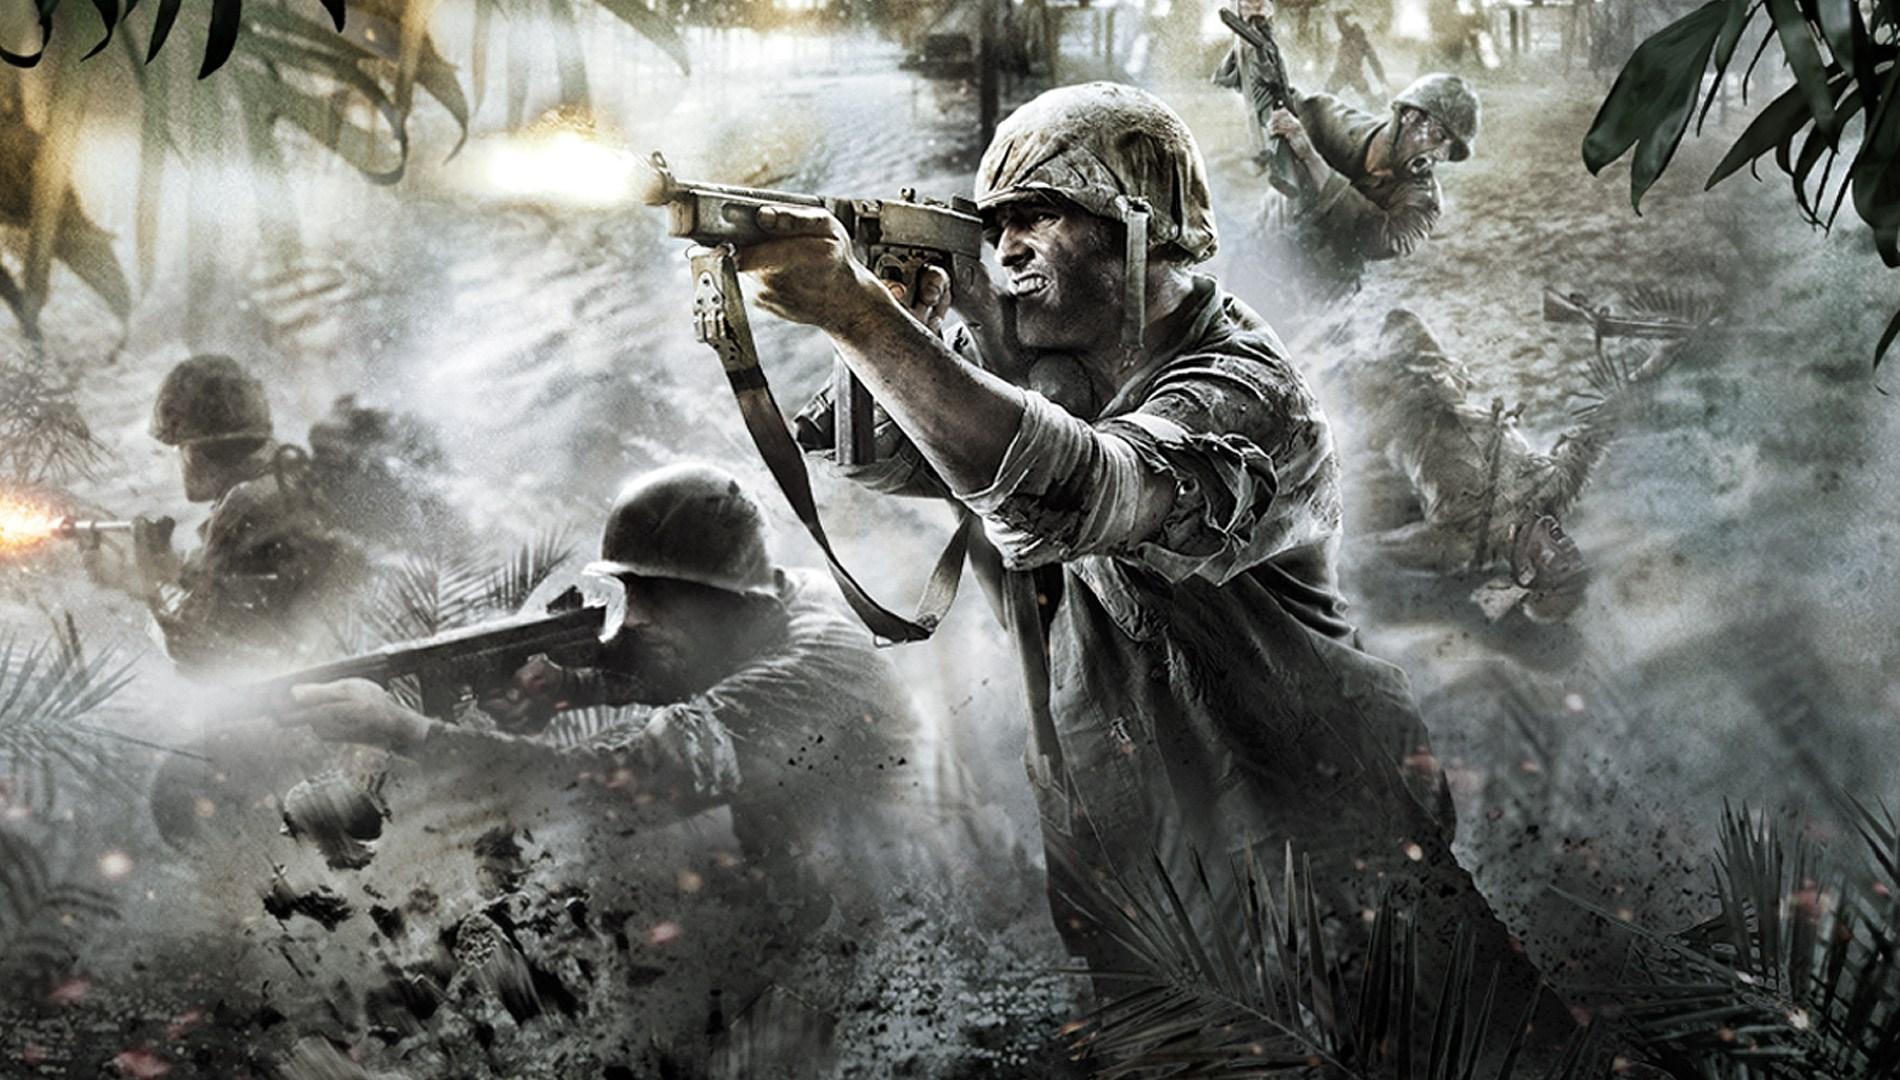 pics photos call of duty 5 world at war game hd